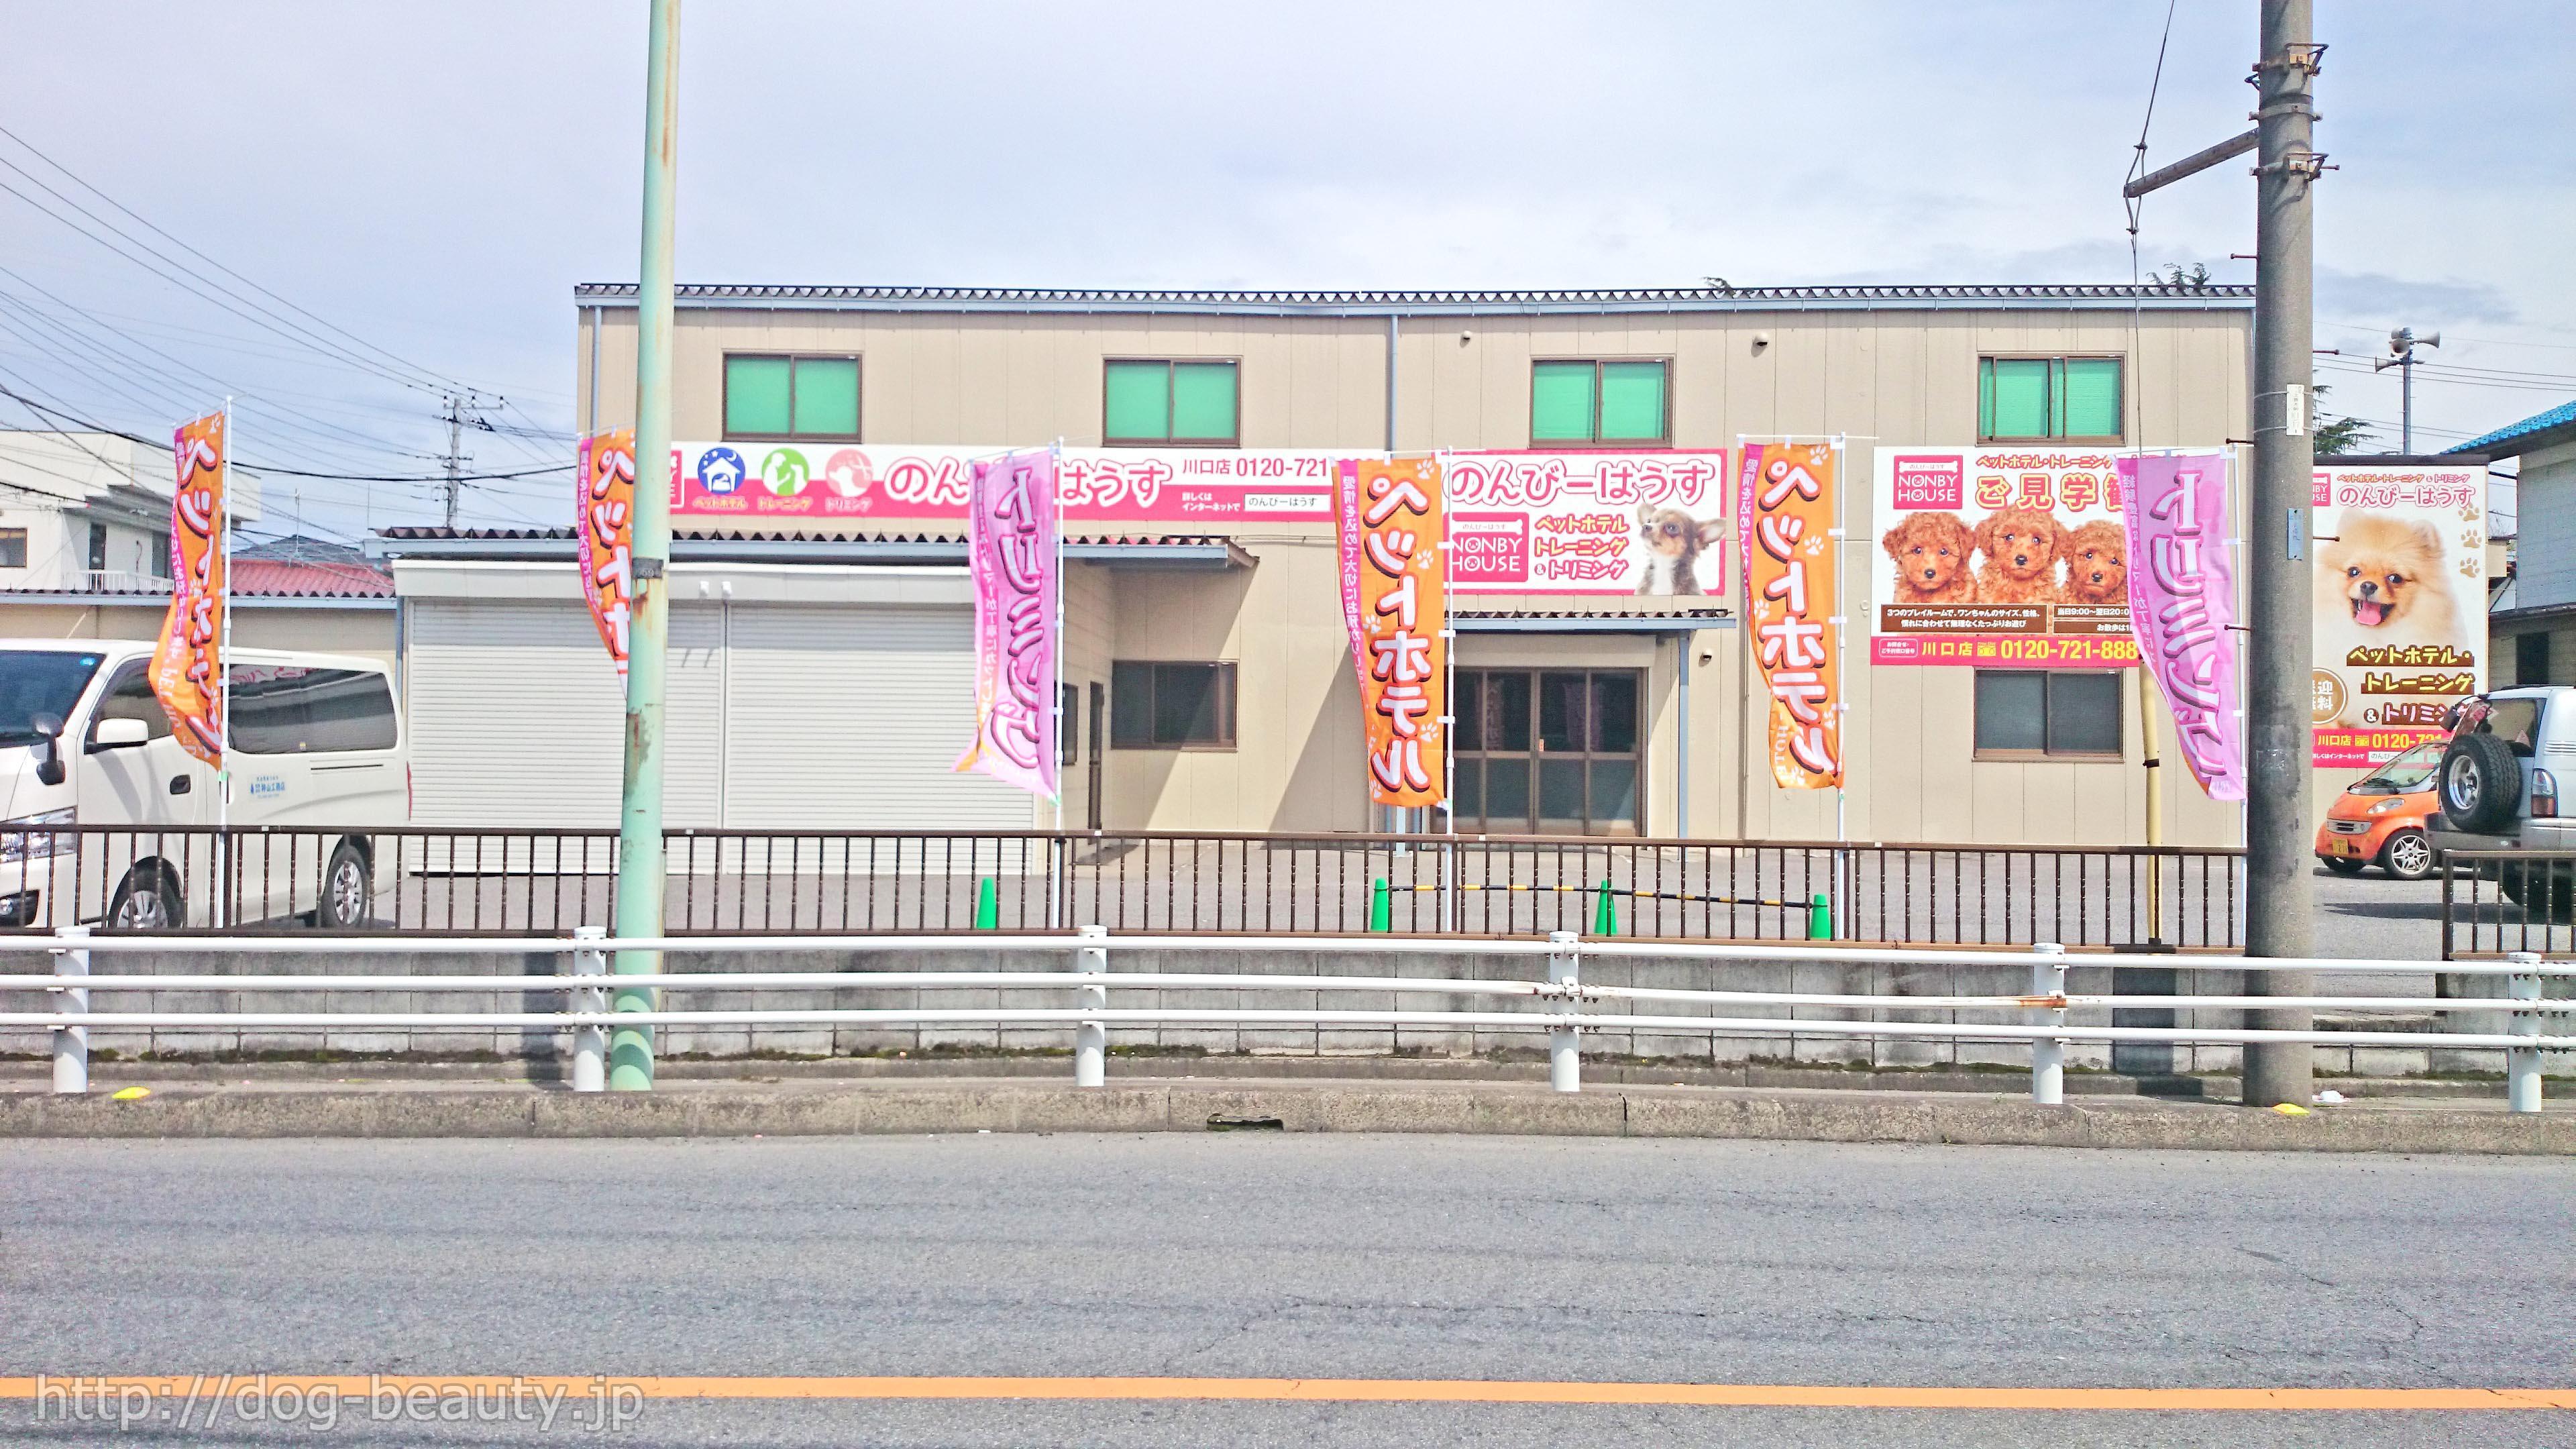 のんびーはうす 川口店